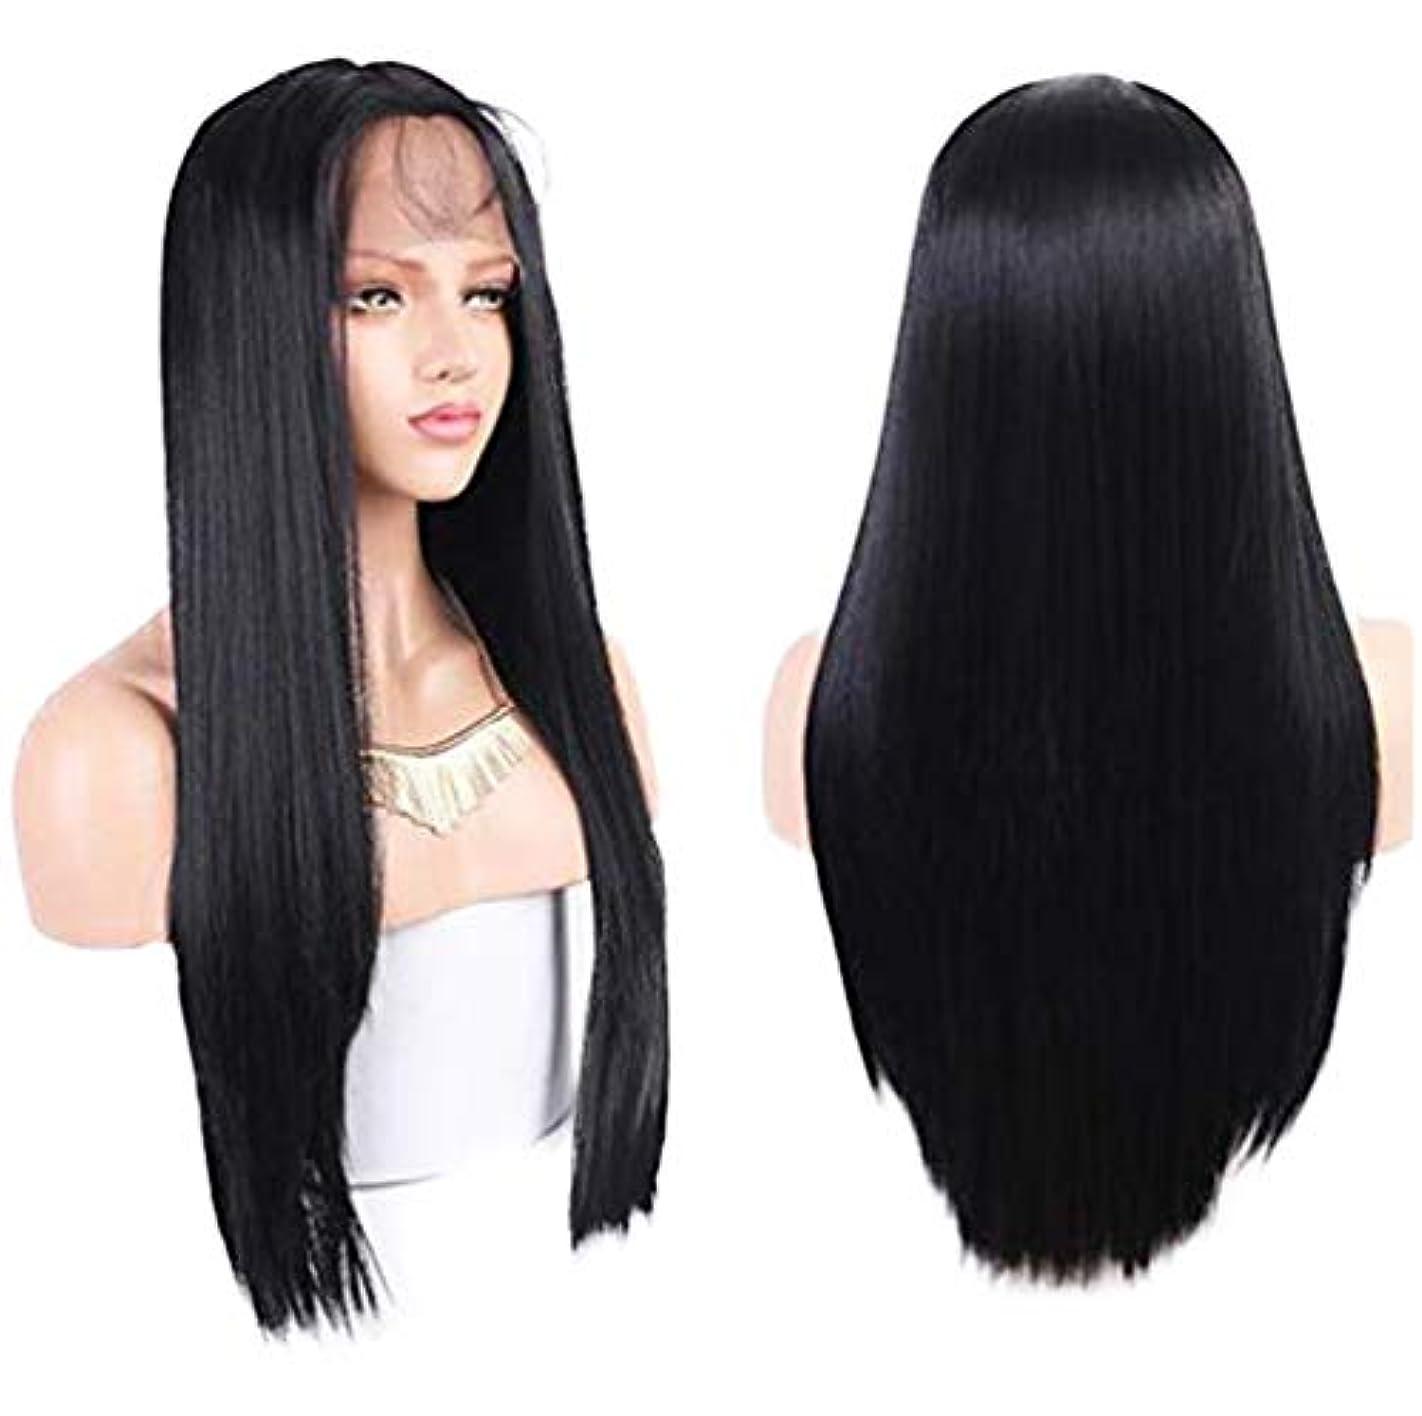 テラスベックス感度女性レースフロントかつら未処理バージン毛ブラジルレミー人毛ストレート髪レースかつらベビー毛で150%密度